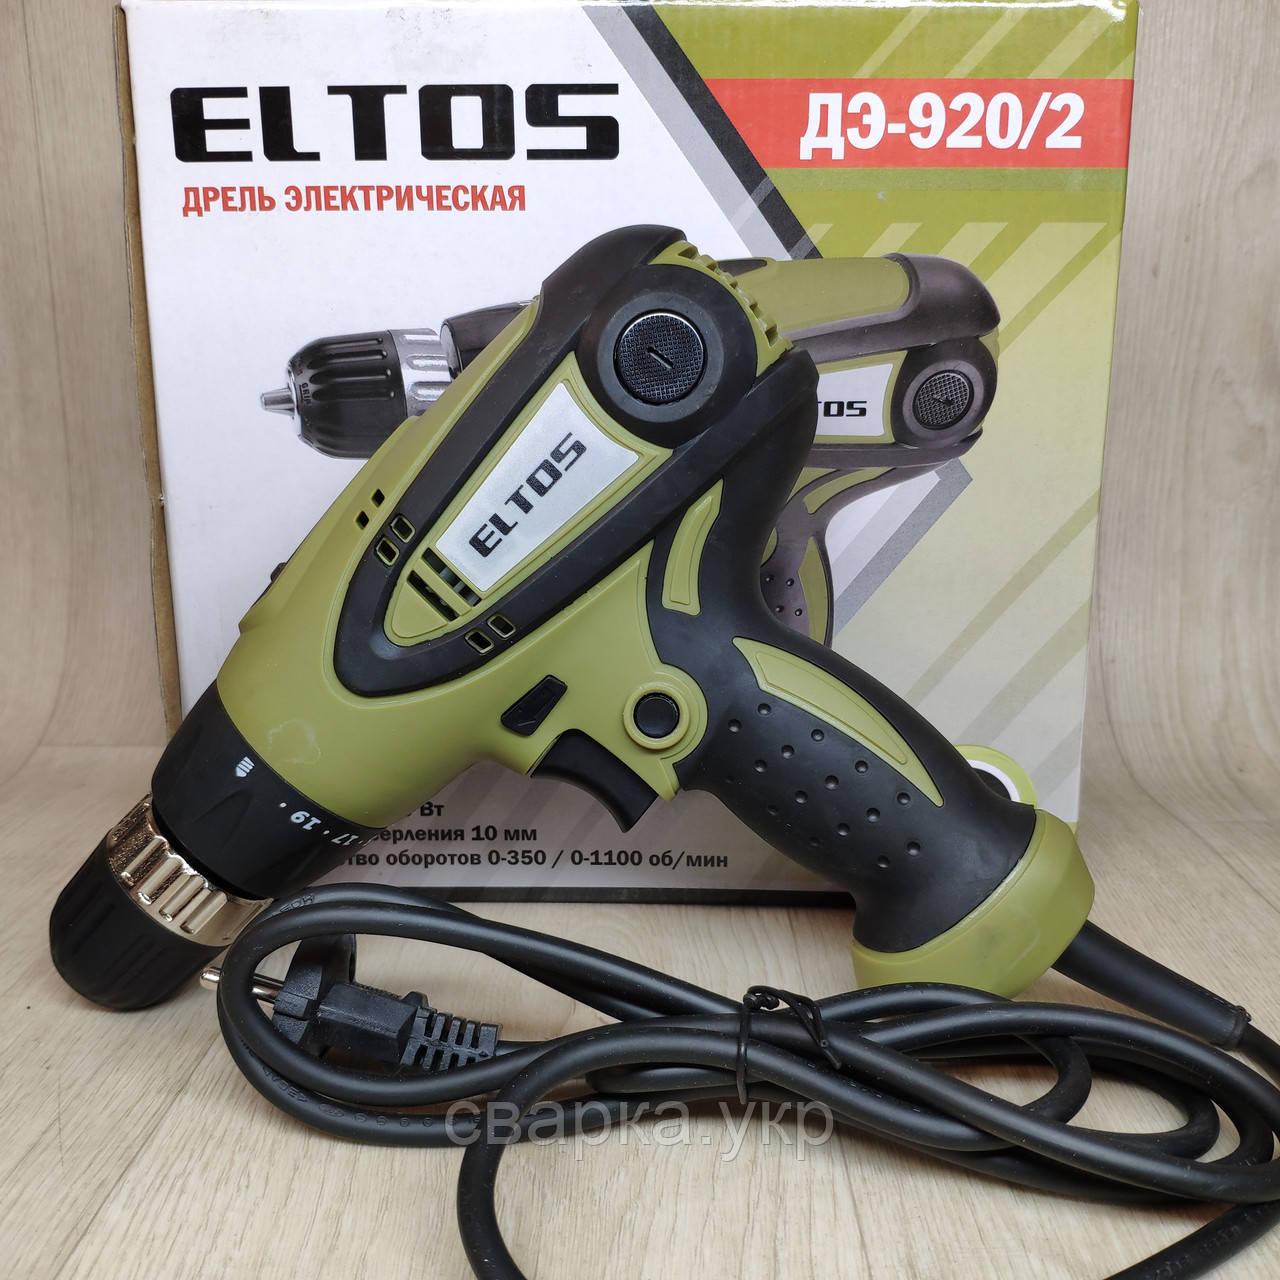 Шуруповерт мережевий Eltos ДЕ-920\2 швидкісний